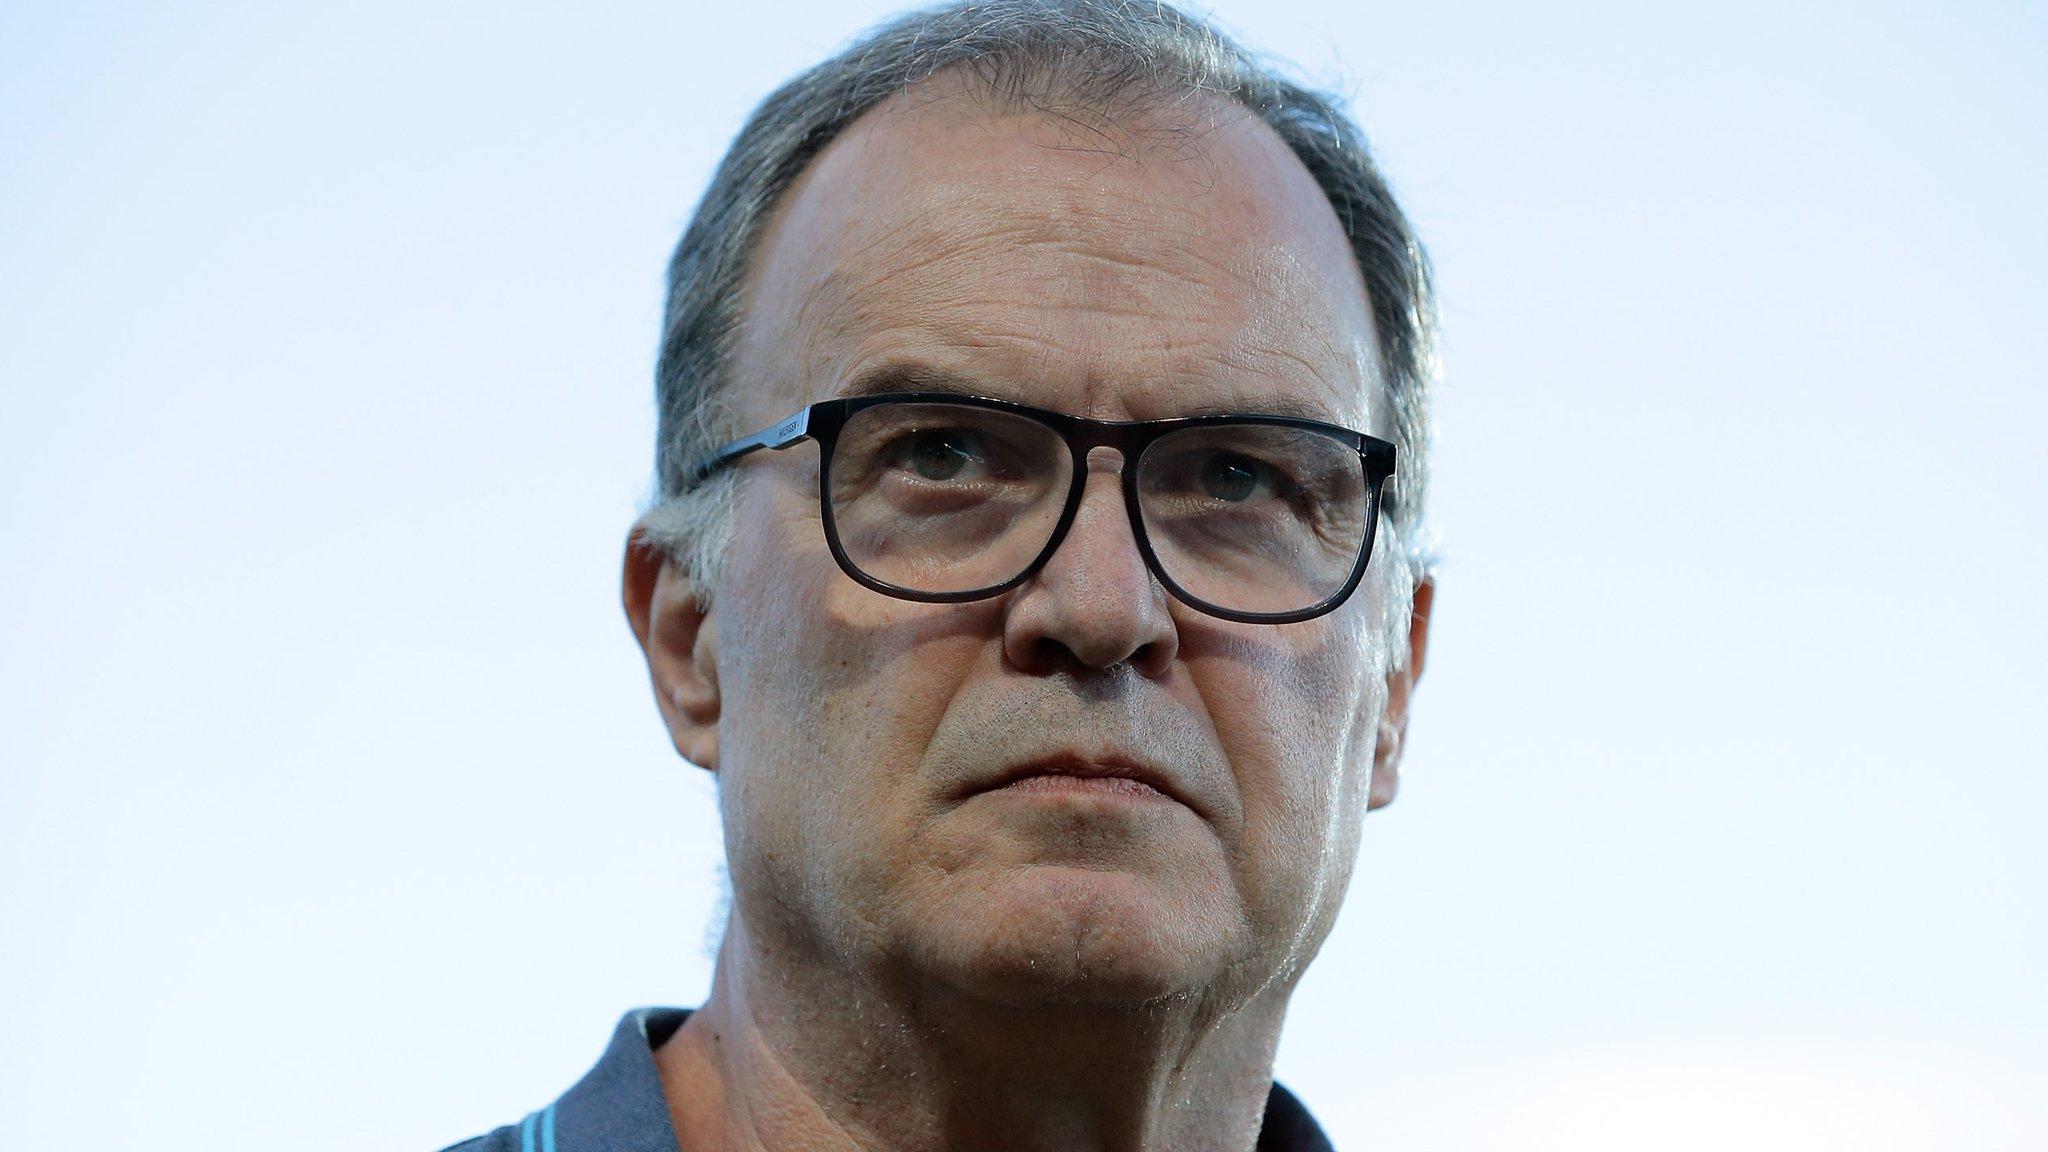 Marcelo Bielsa: Lille suspend coach after latest defeat